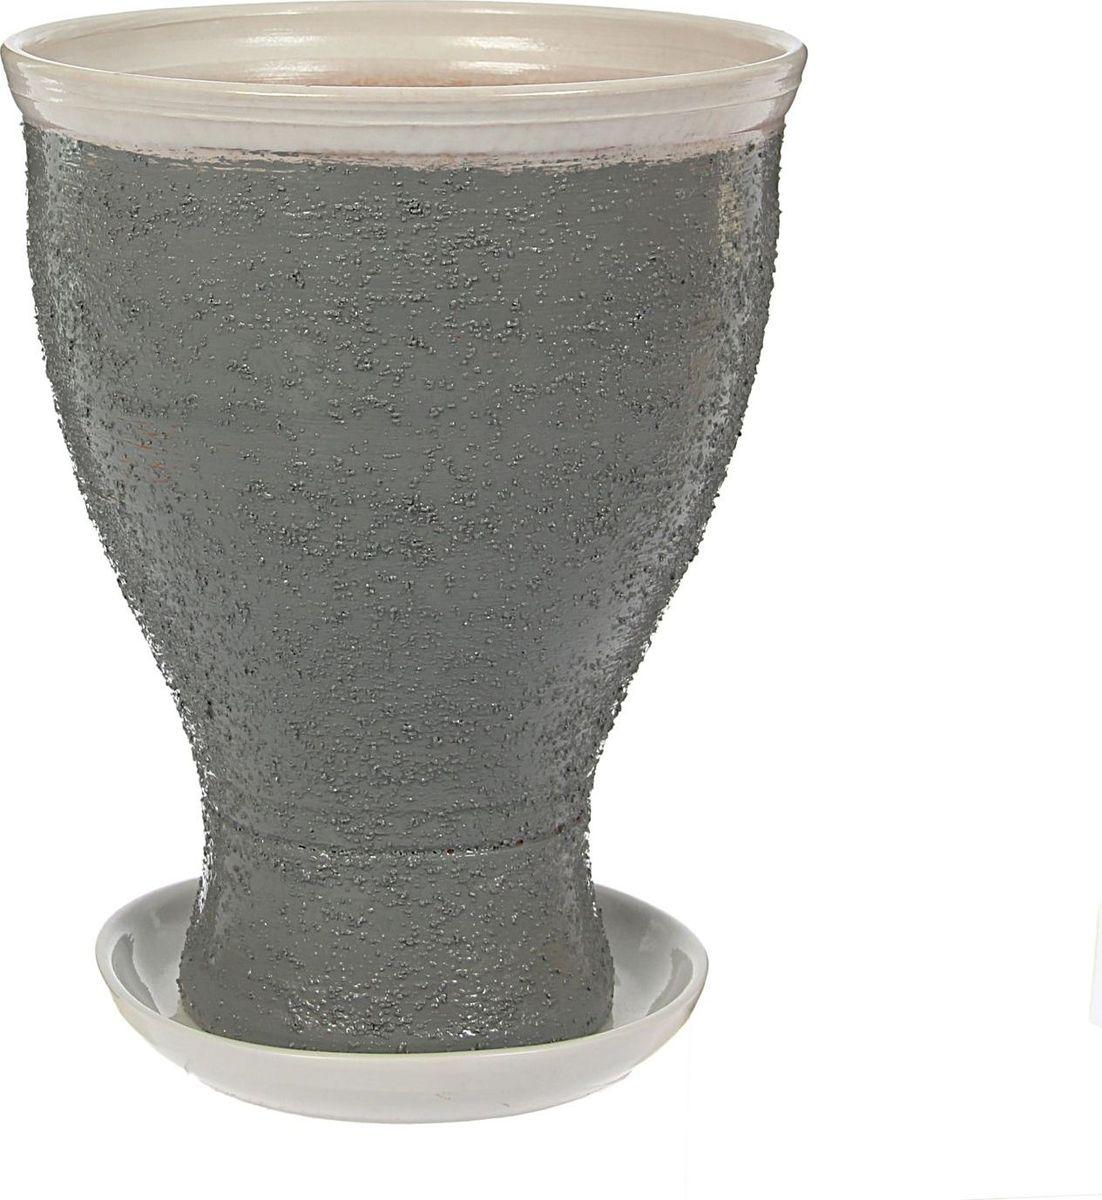 Кашпо Белла, цвет: серый, 20 х 20 х 26 см1422024